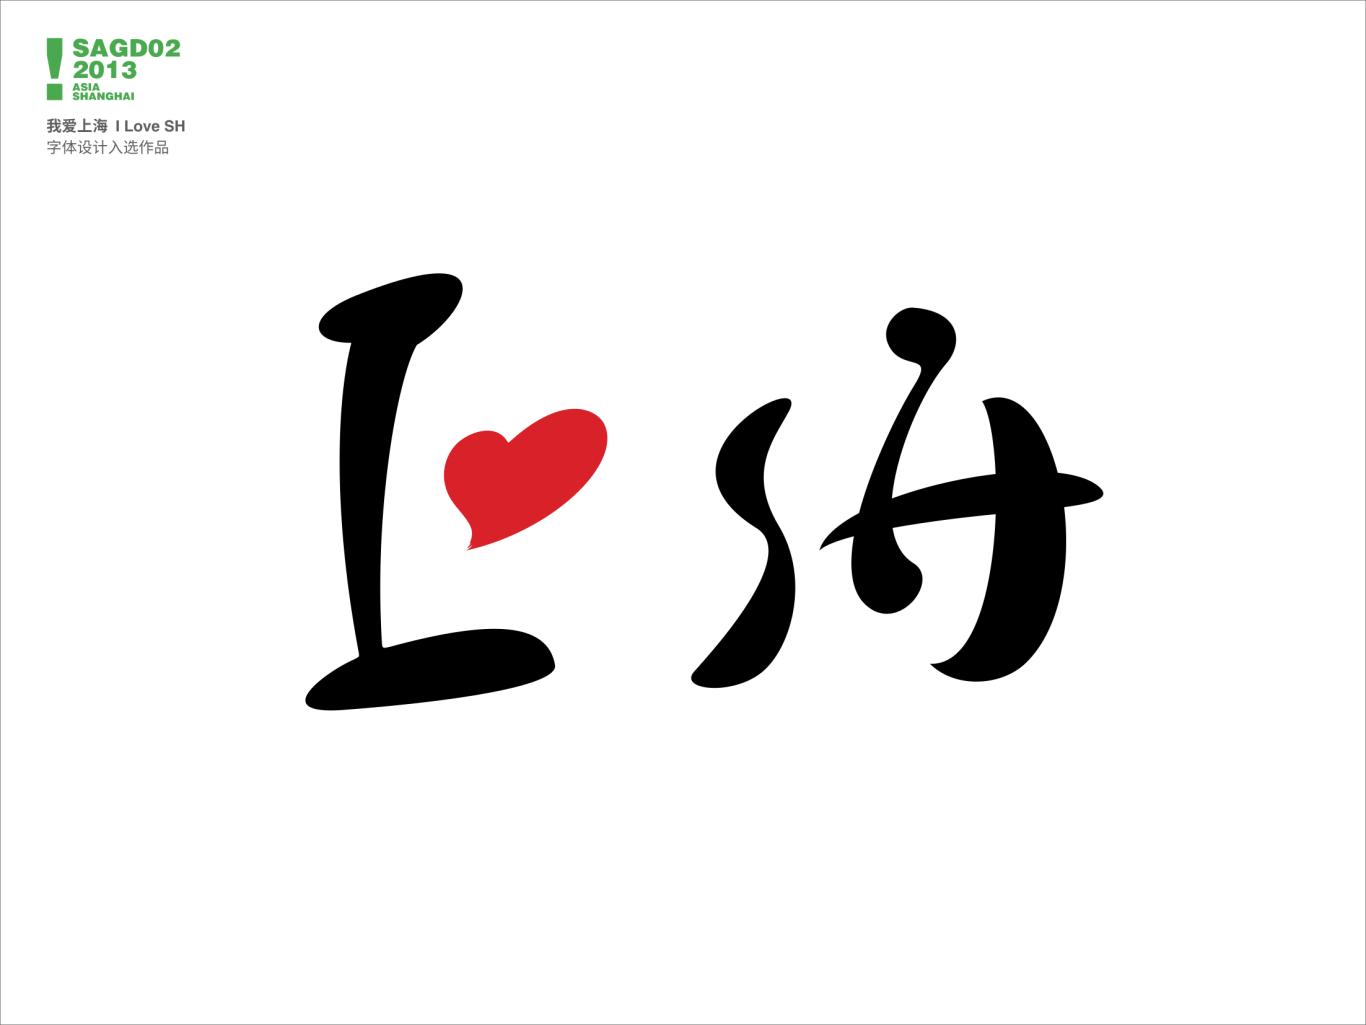 第二届上海亚洲平面设计双年展——我爱上海 I Love SH字体设计入选作品图2